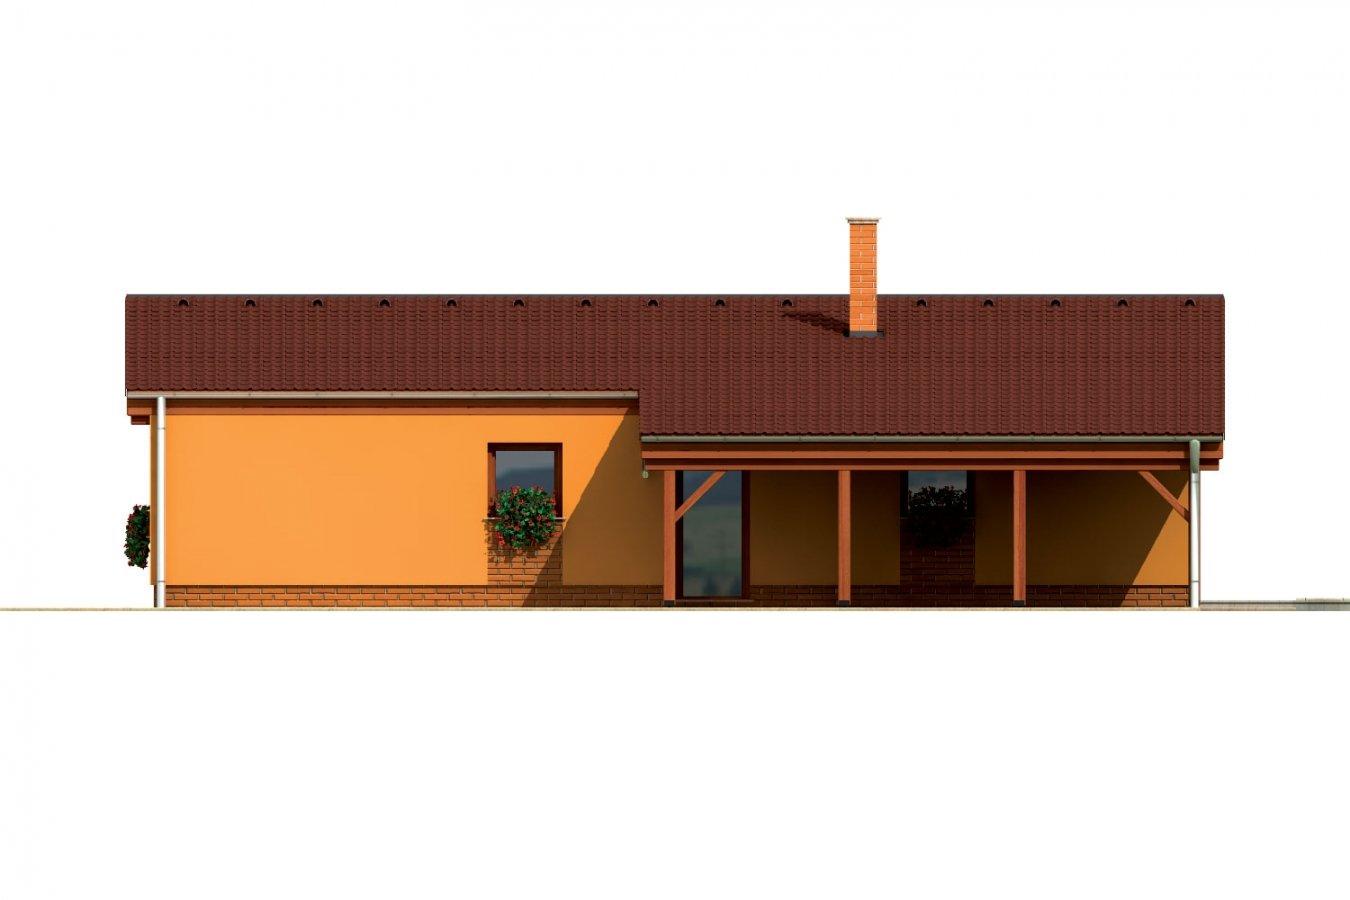 Pohľad 4. - Úzky moderný rodinný domček pre mladých.